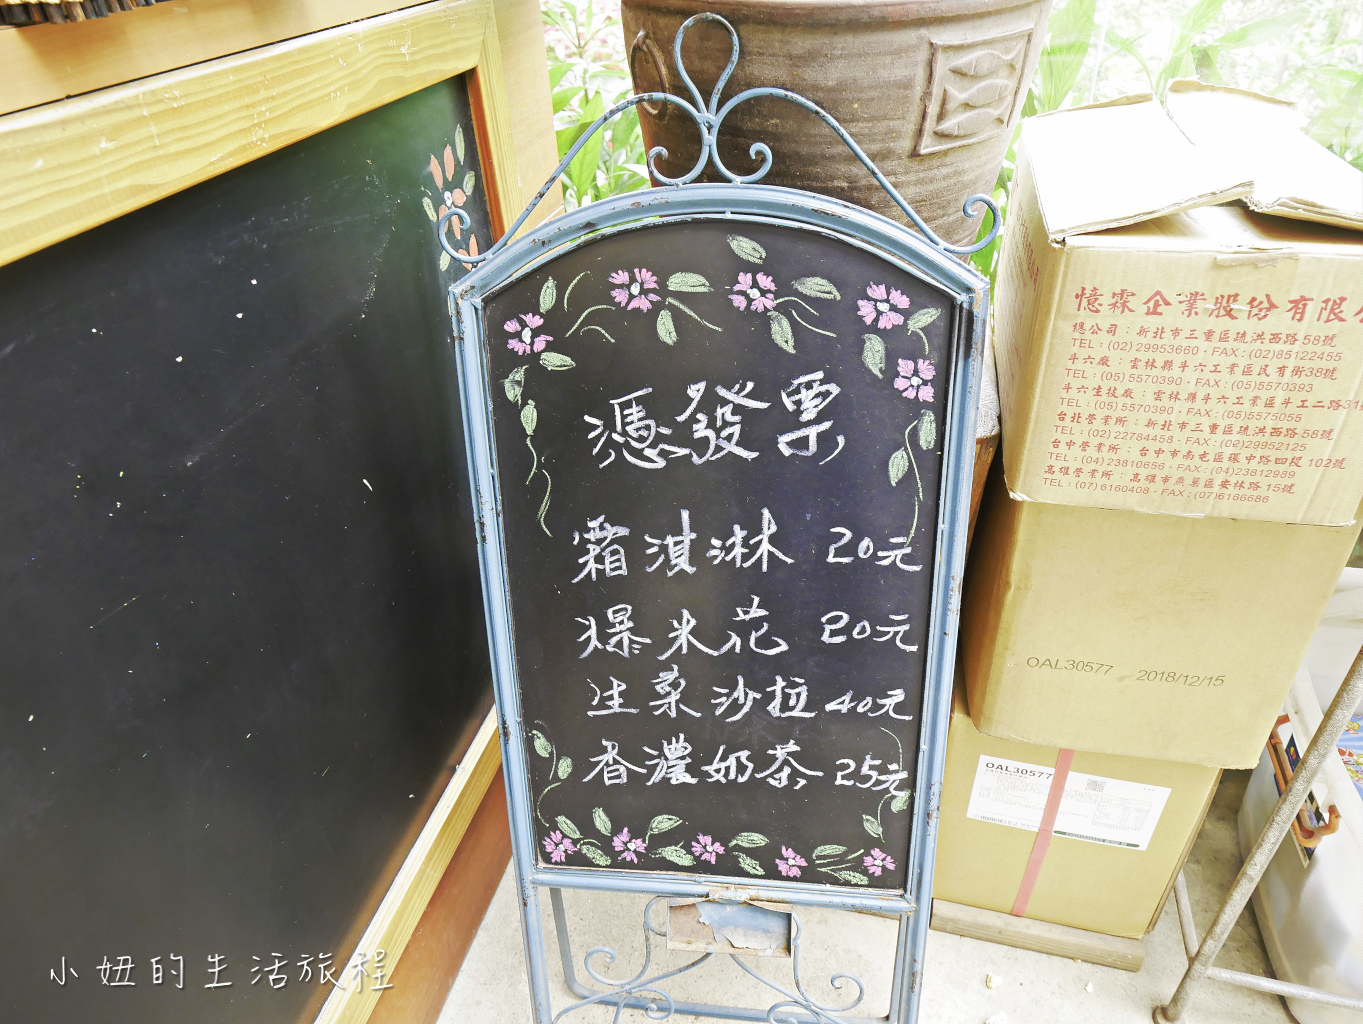 桃園楊梅雅聞魅力博物館-44.jpg